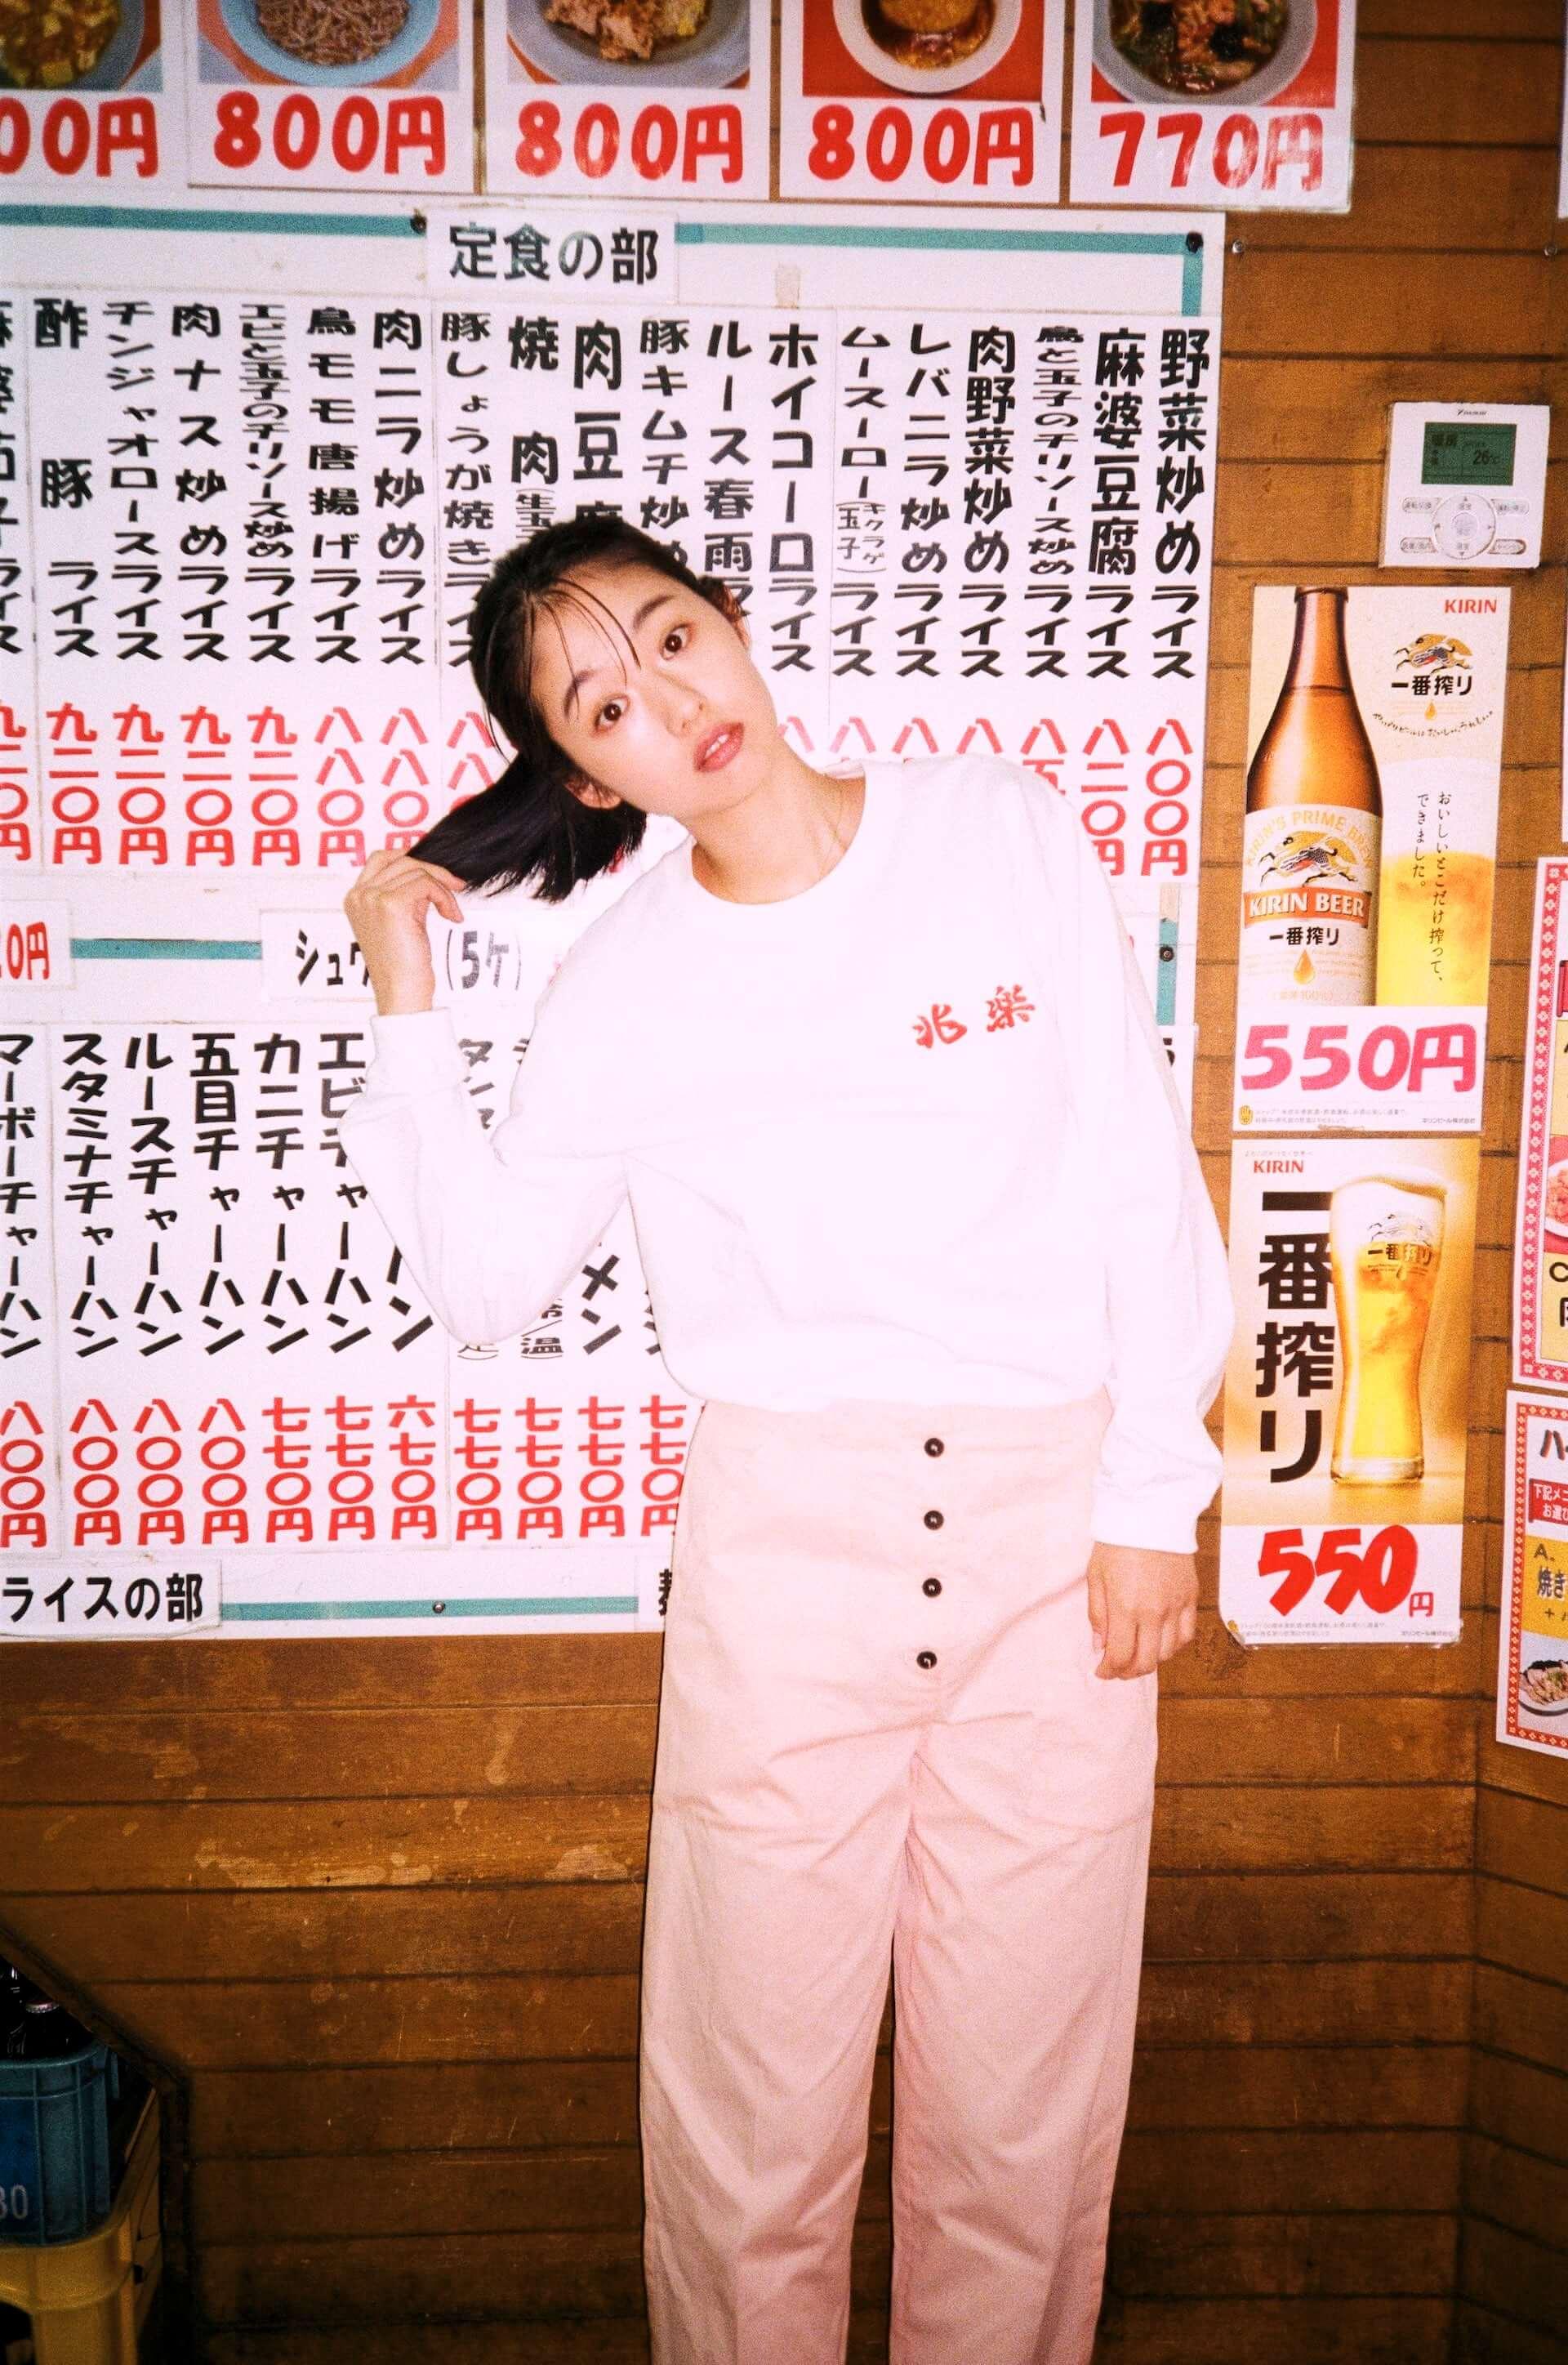 渋谷の街中華・兆楽とJOURNAL STANDARDがコラボ!Tシャツやキャップ、エコバッグが受注販売開始 lf210205_choraku-journalstandard_3-1920x2895